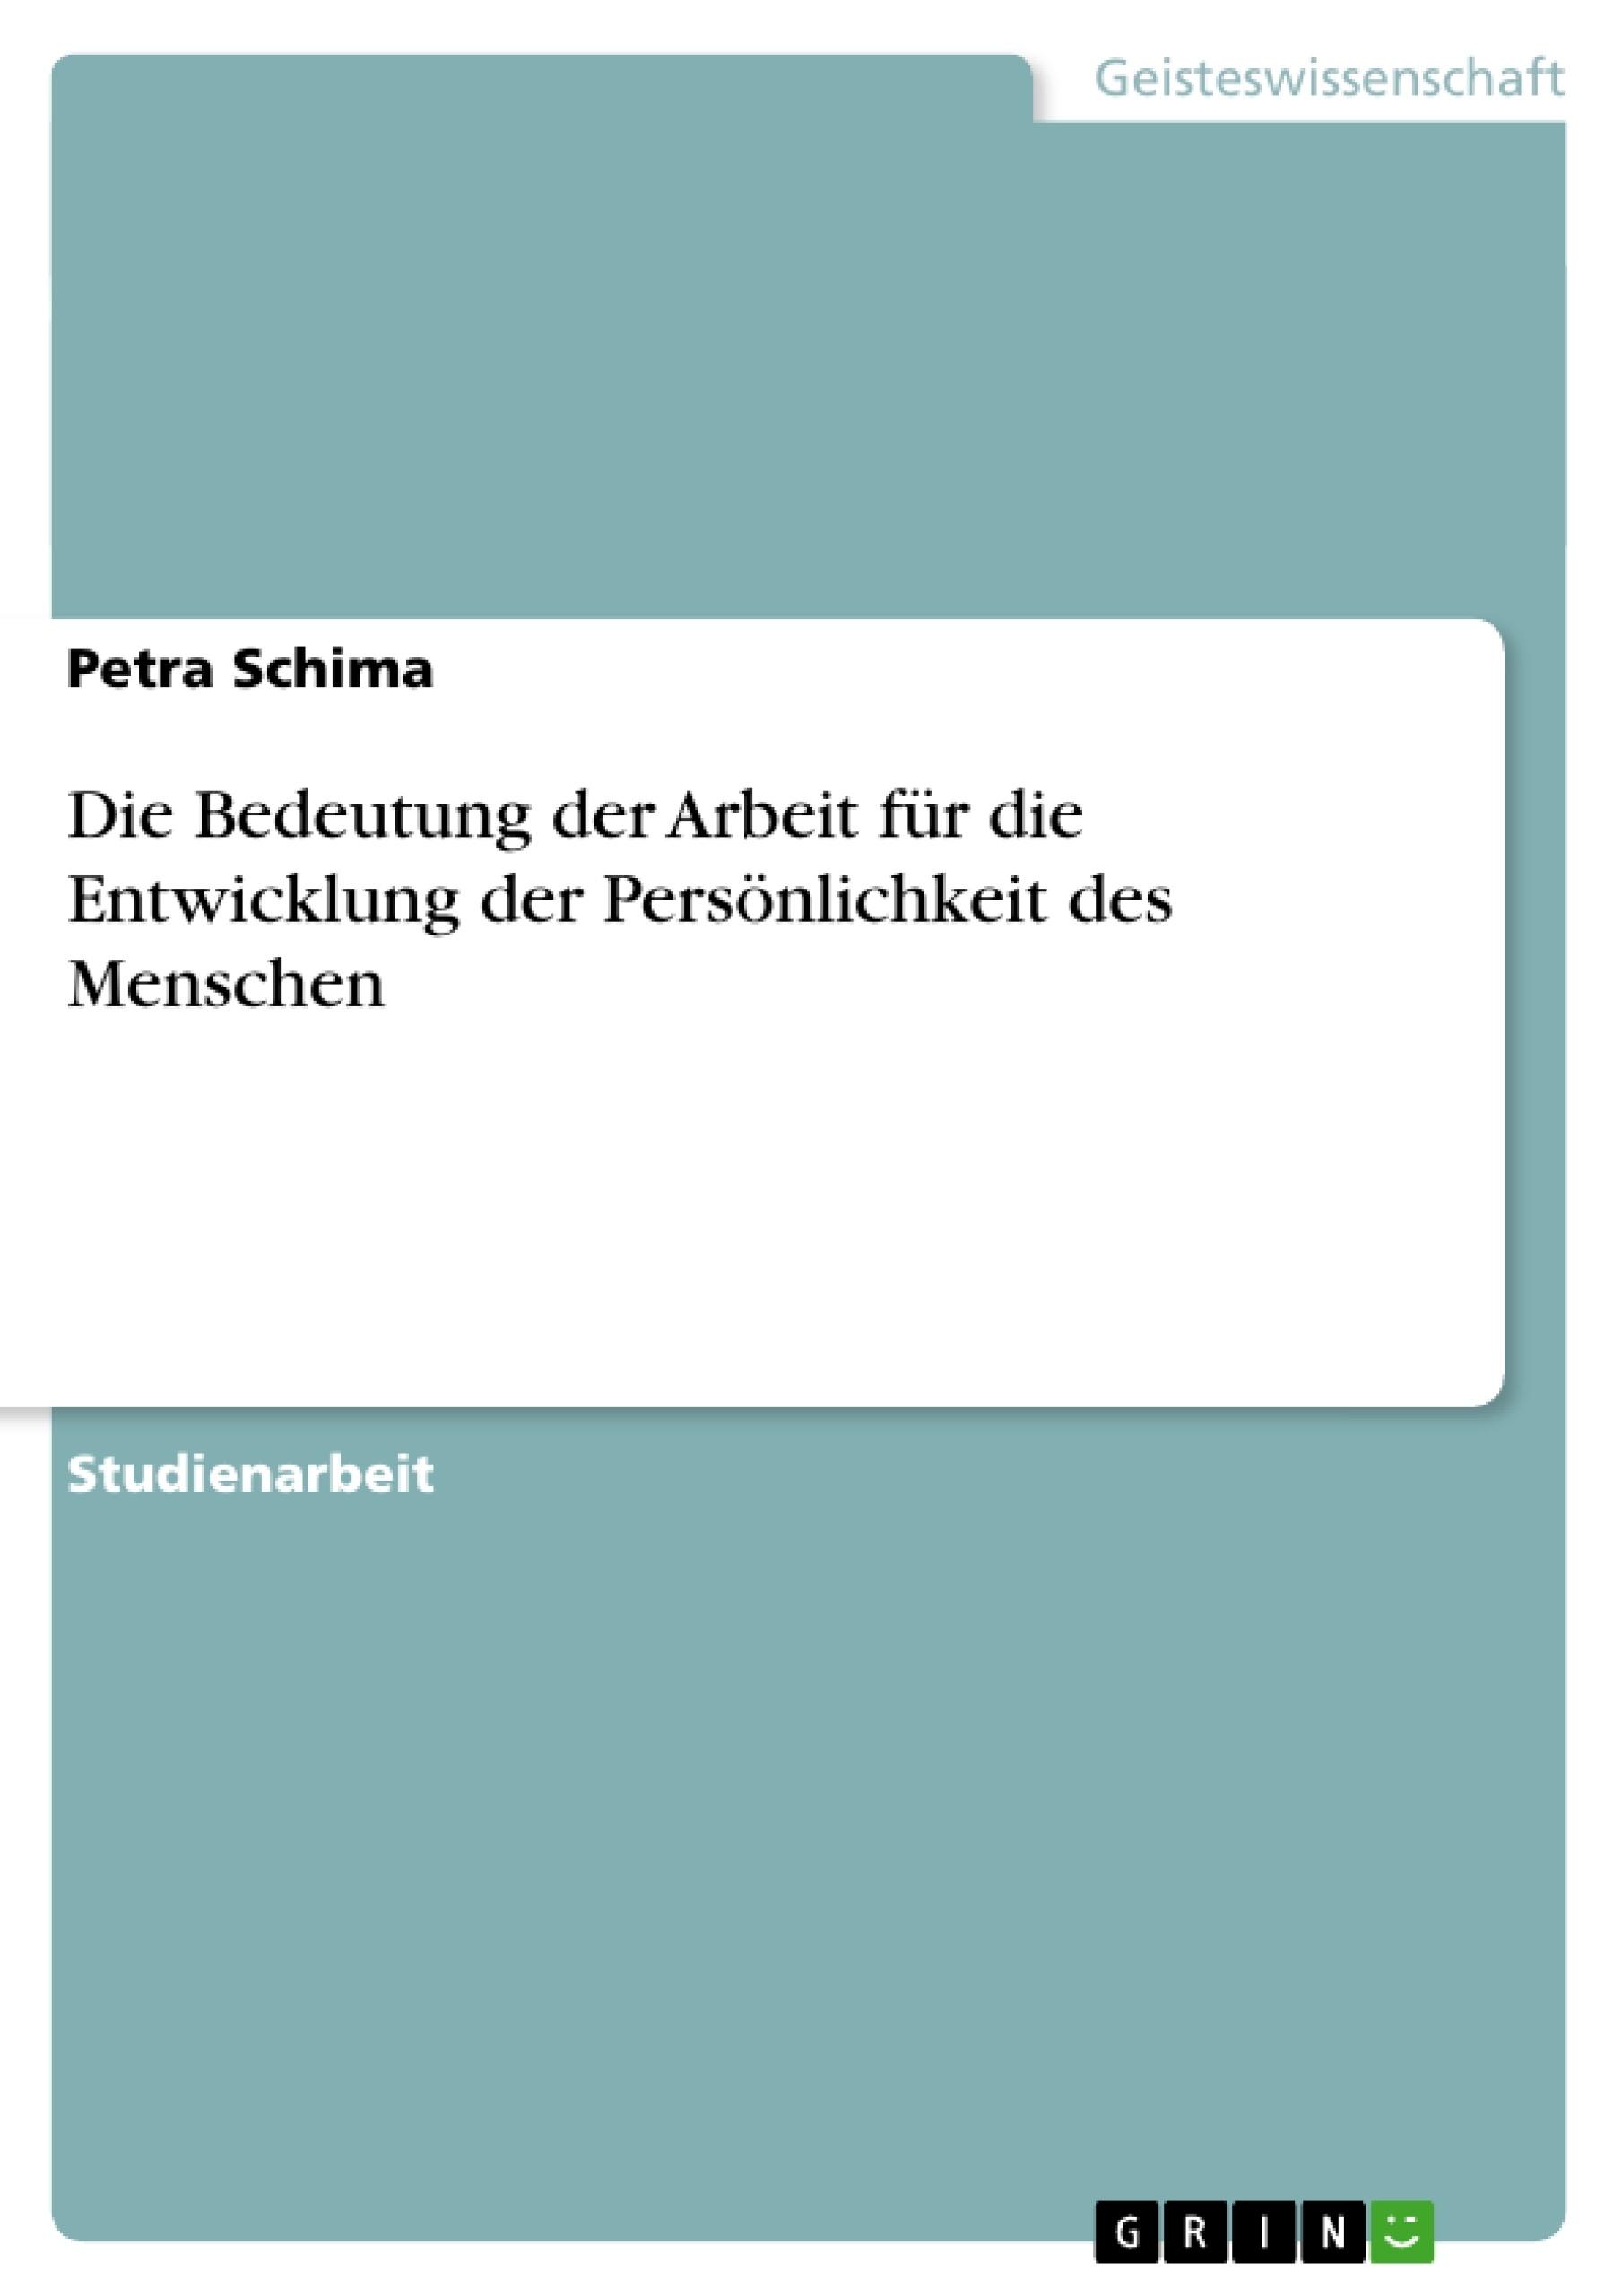 Titel: Die Bedeutung der Arbeit für die Entwicklung der Persönlichkeit des Menschen